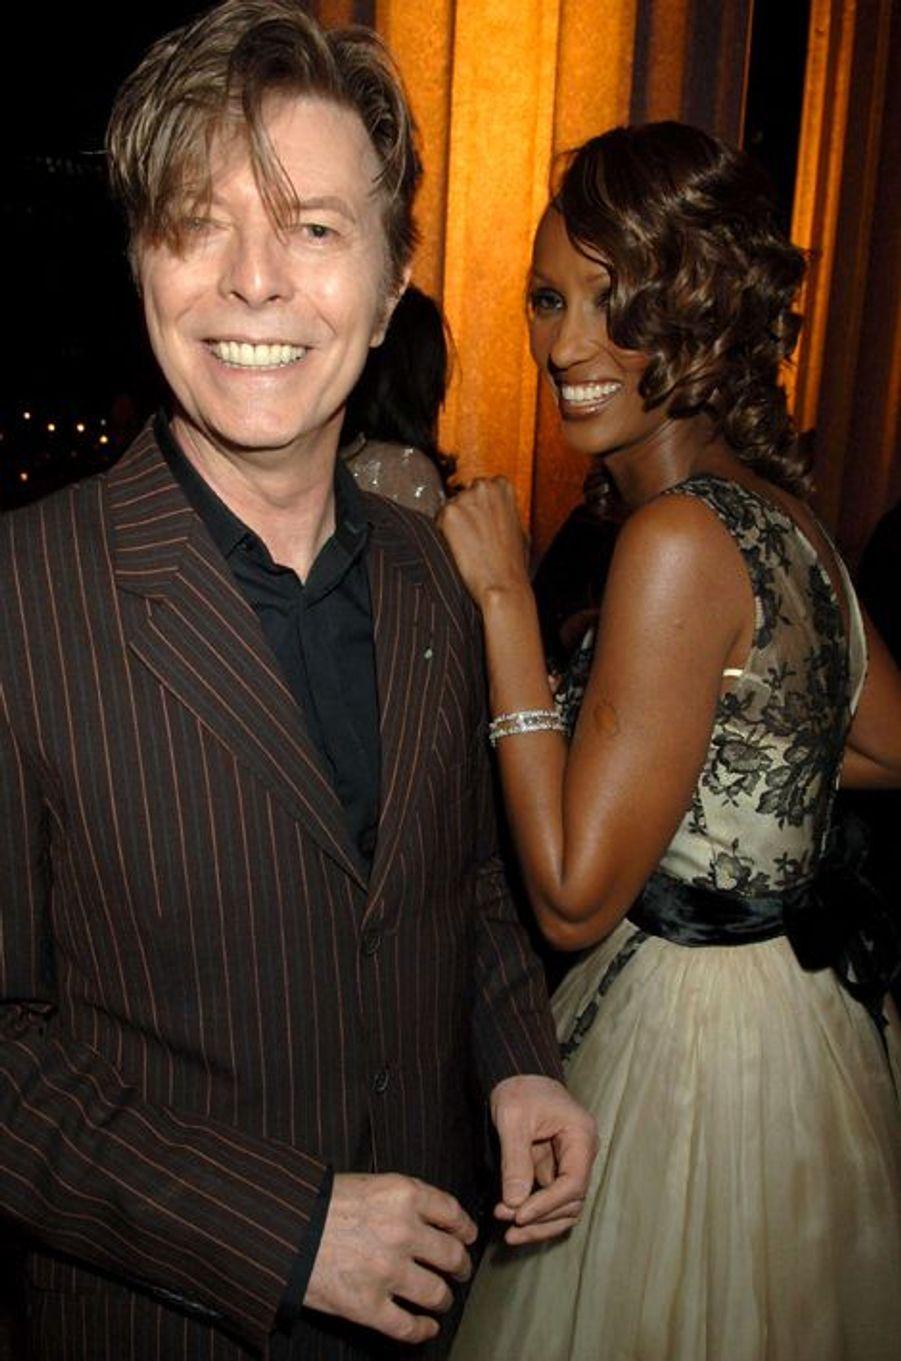 David Bowie et son épouse Iman, avril 2004